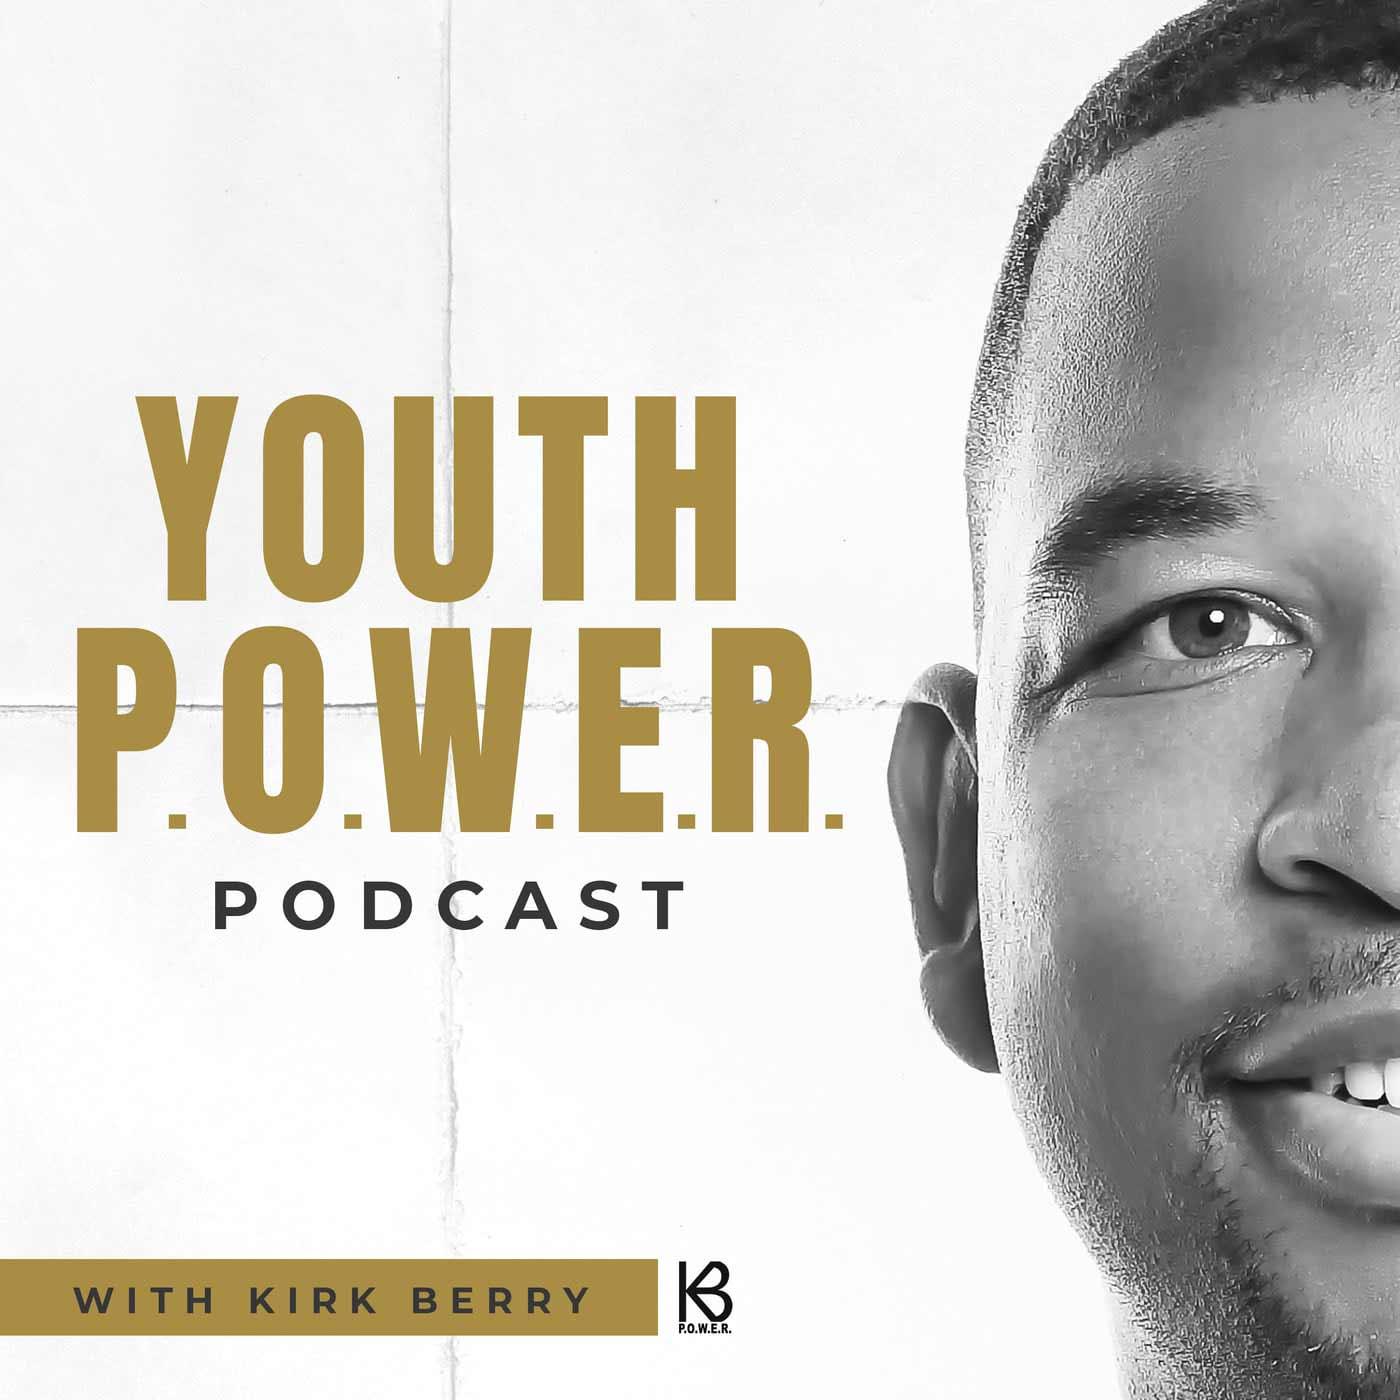 Youth P.O.W.E.R. Podcast